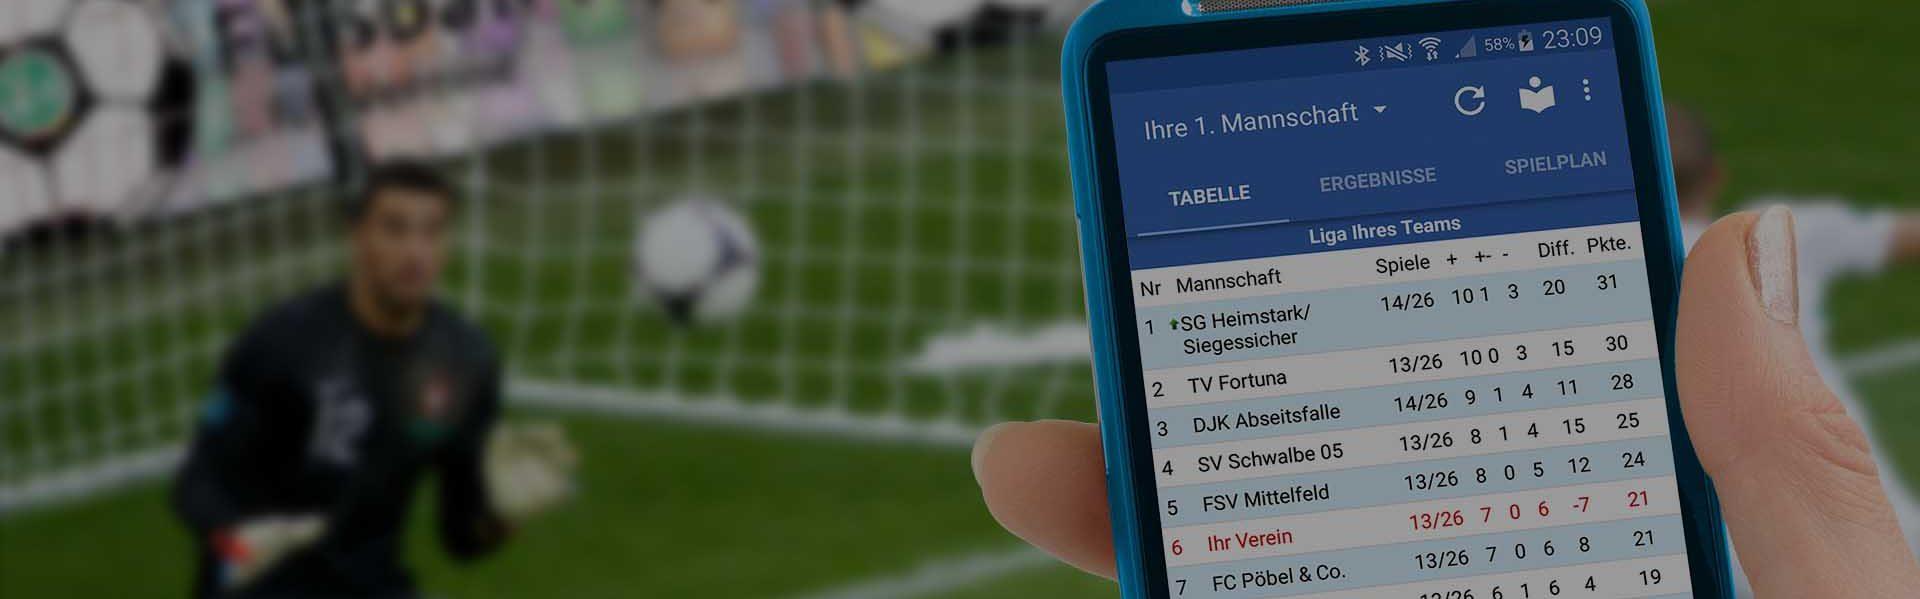 Die Fußball-App